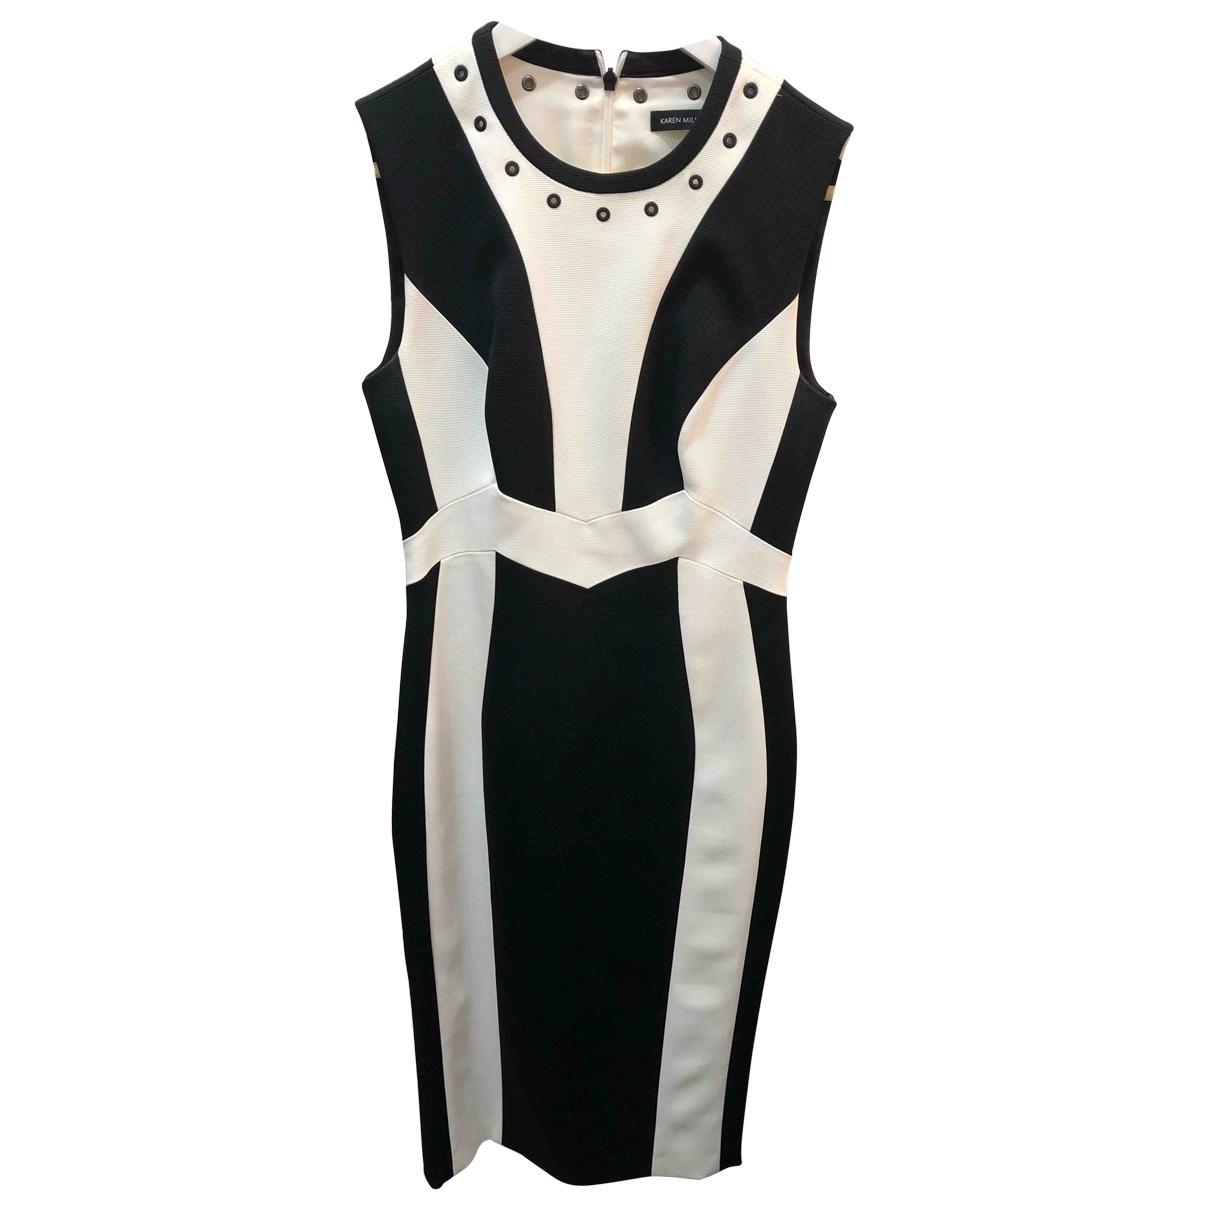 Karen Millen \N Beige Cotton dress for Women 10 UK